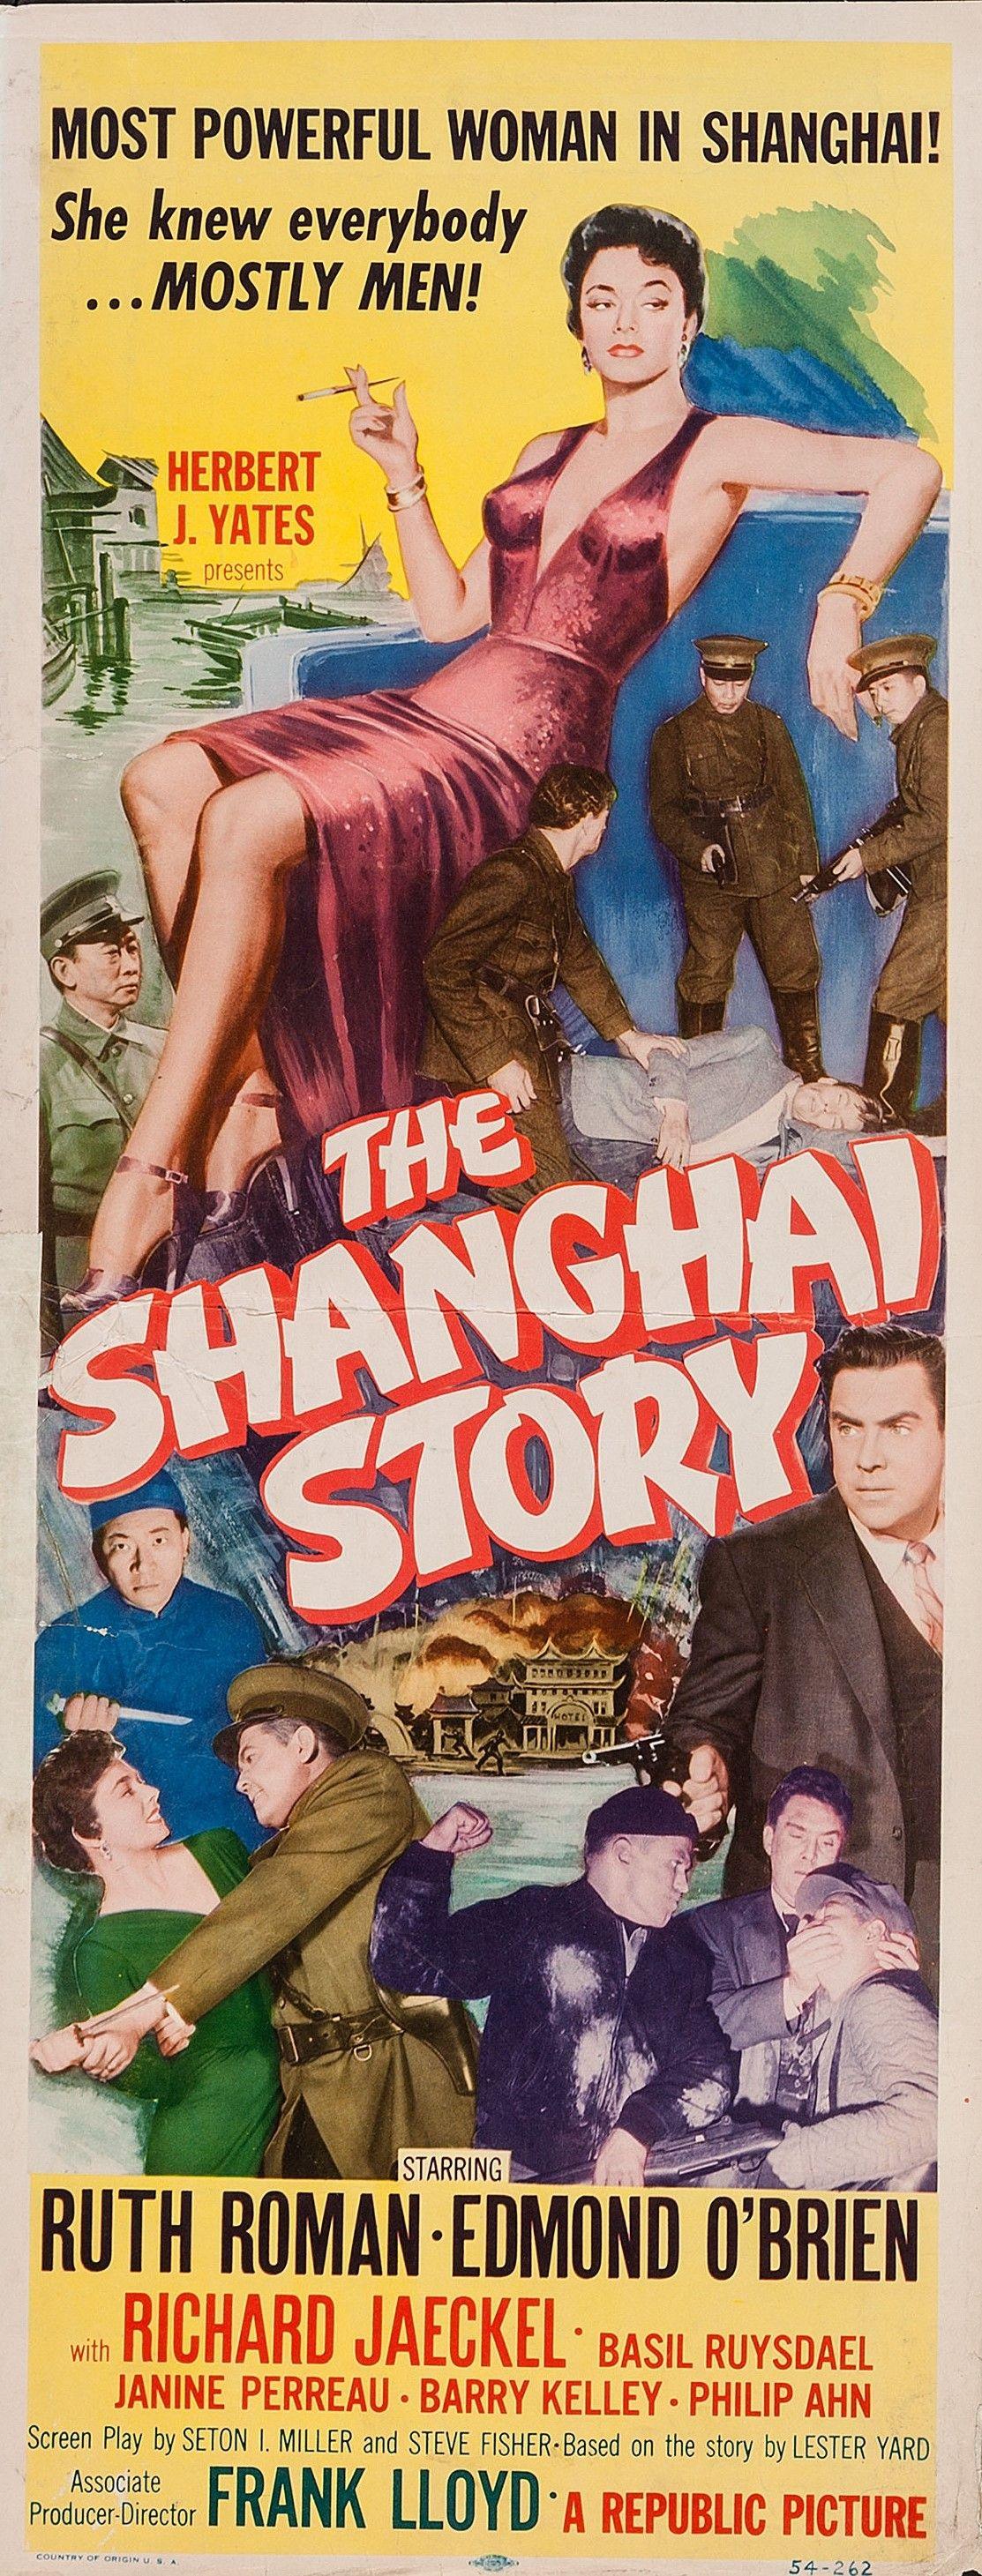 The Shanghai Story (1954) Stars Ruth Roman, Edmond O